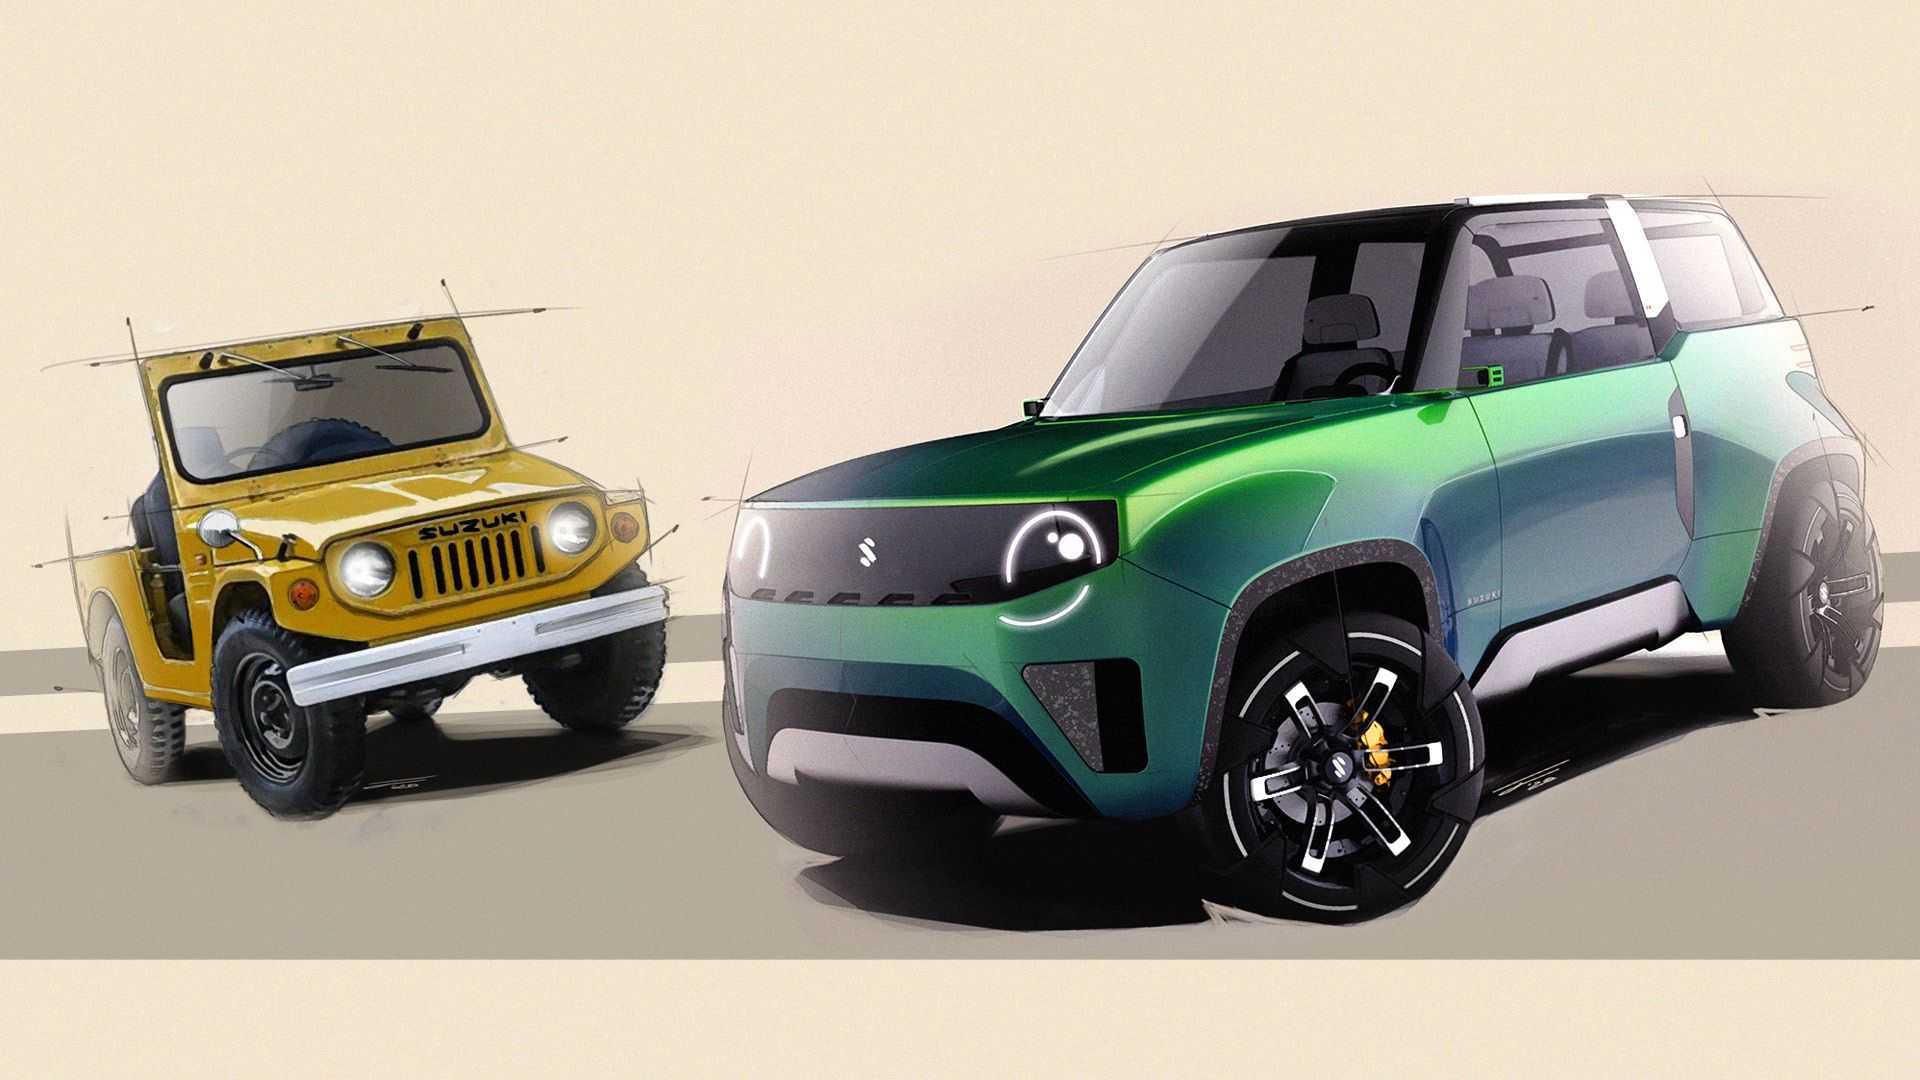 Incredibile Suzuki Jimny, ecco com'è reinterpretata dagli studenti